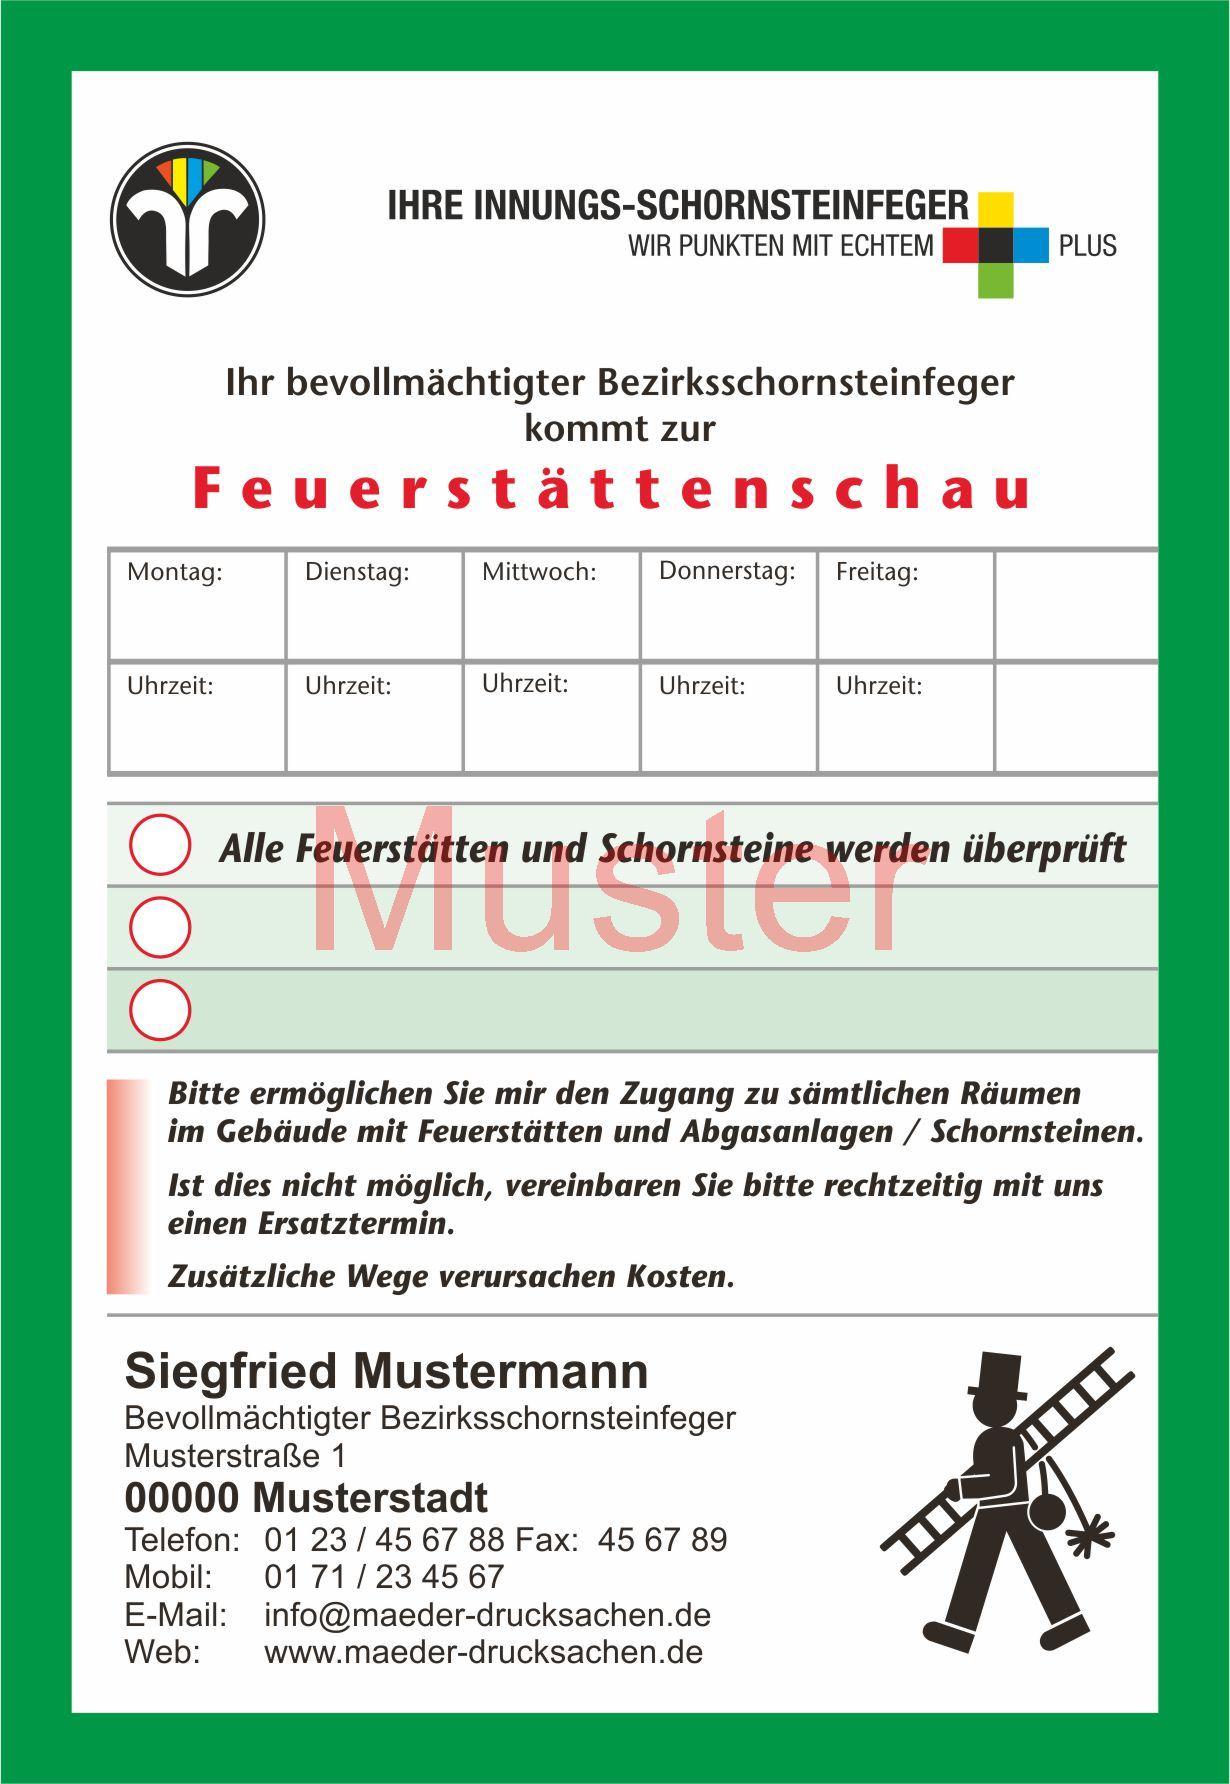 Feuerstättenschau Rechnung : az feuerst ttenschau din a6 innungsfeger mit streifengummierung mit firmeneindruck 60615 ~ Themetempest.com Abrechnung